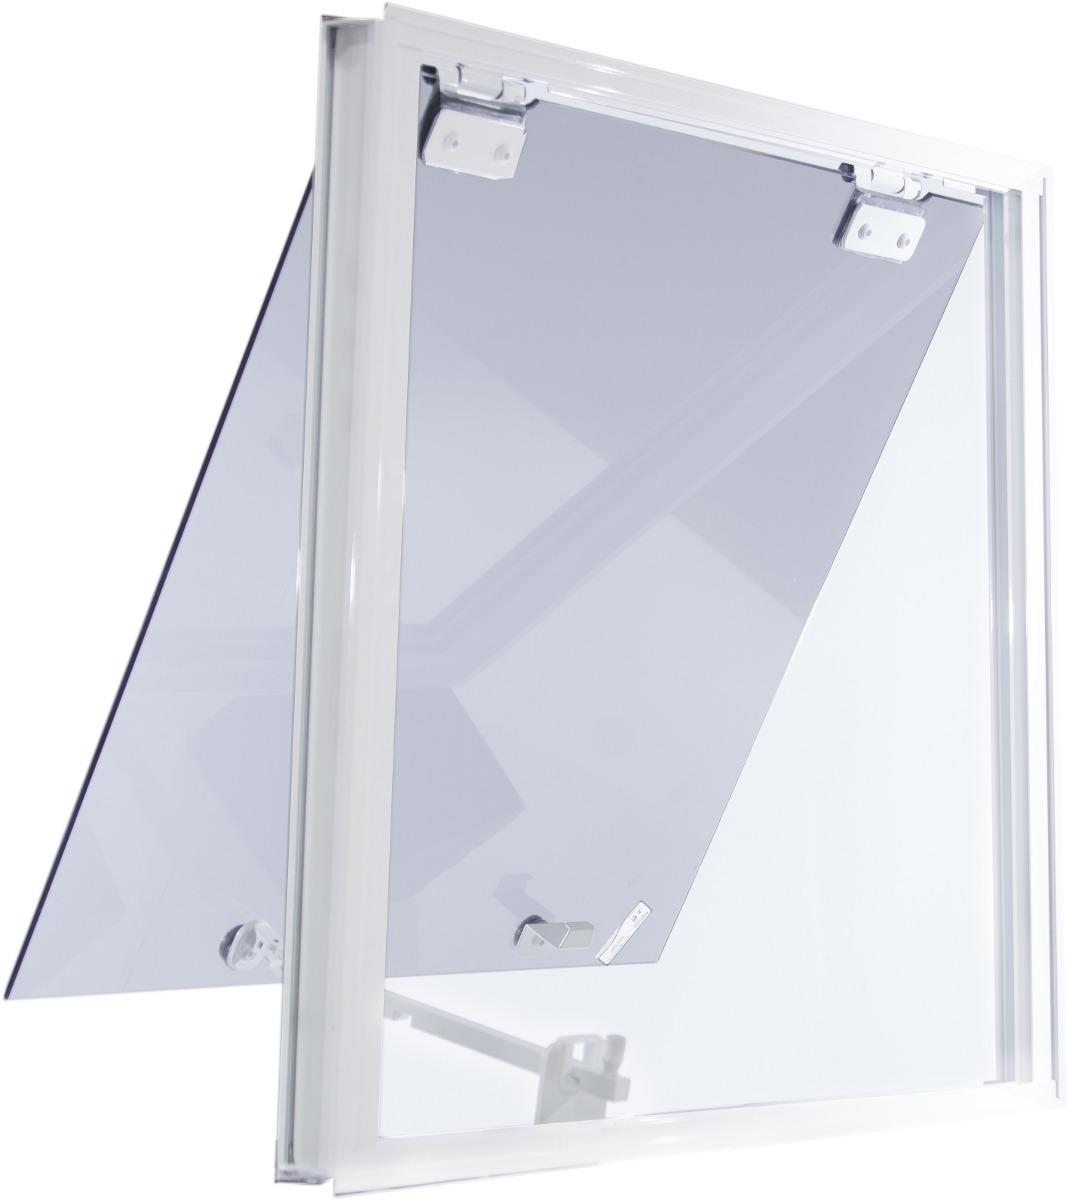 Jenela Maxiar 600x400 Tipo Blindex Aluminio Branco Verde R$ 189 00  #313147 1069 1200